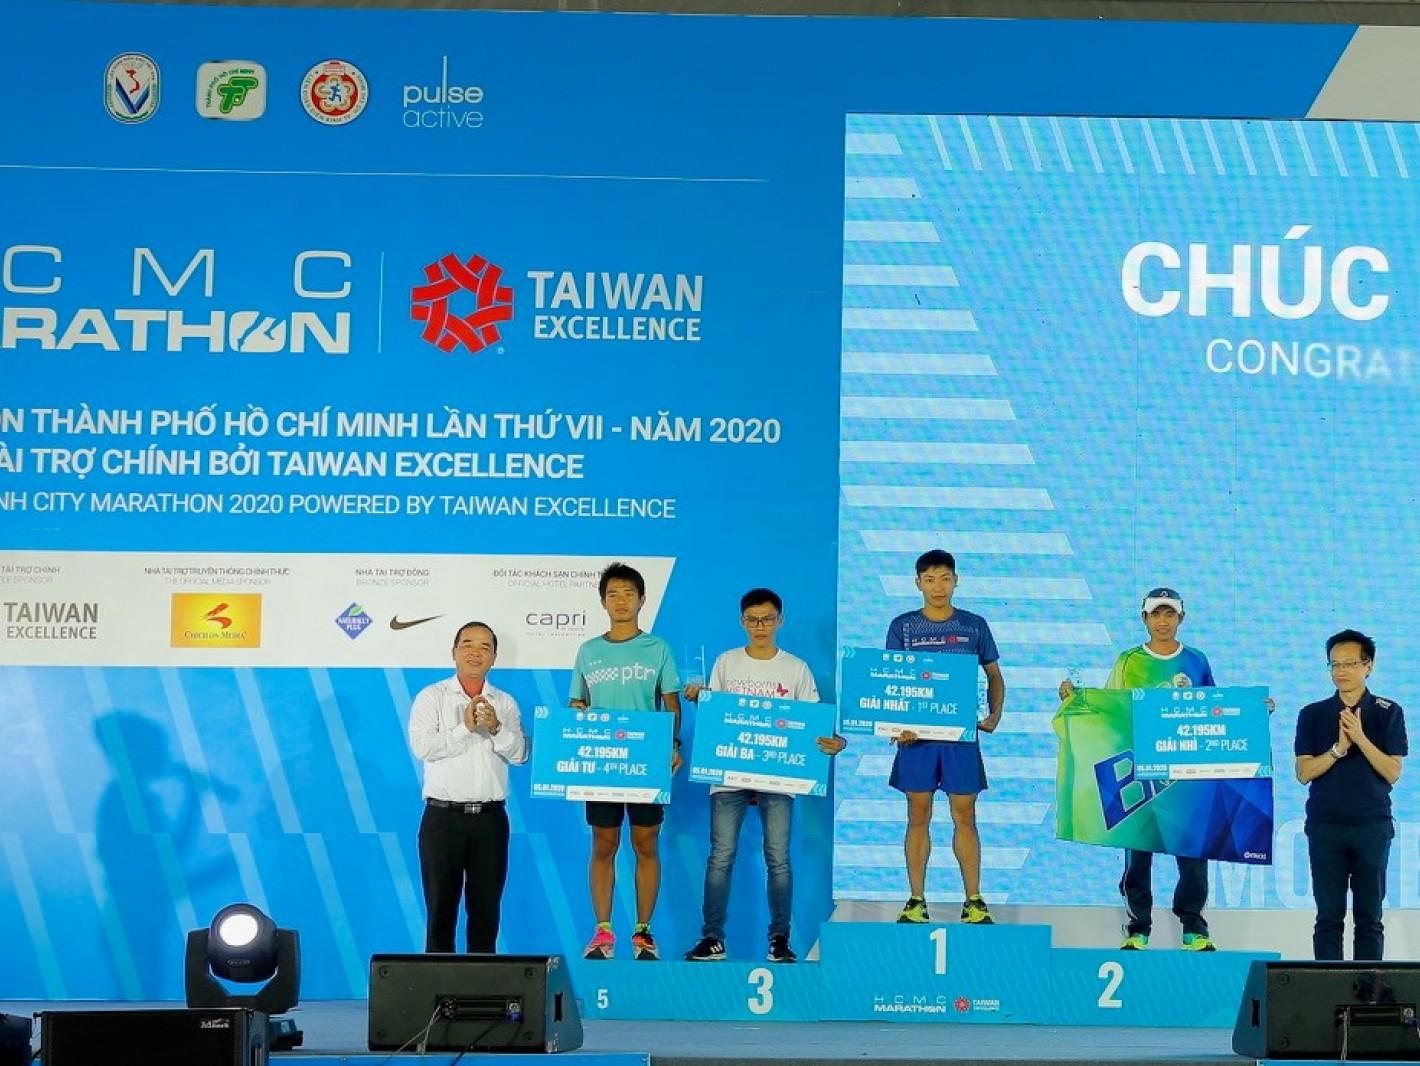 吳俊澤處長(右一)擔任大會頒獎嘉賓,授獎予42K馬拉松男子組前三名跑者